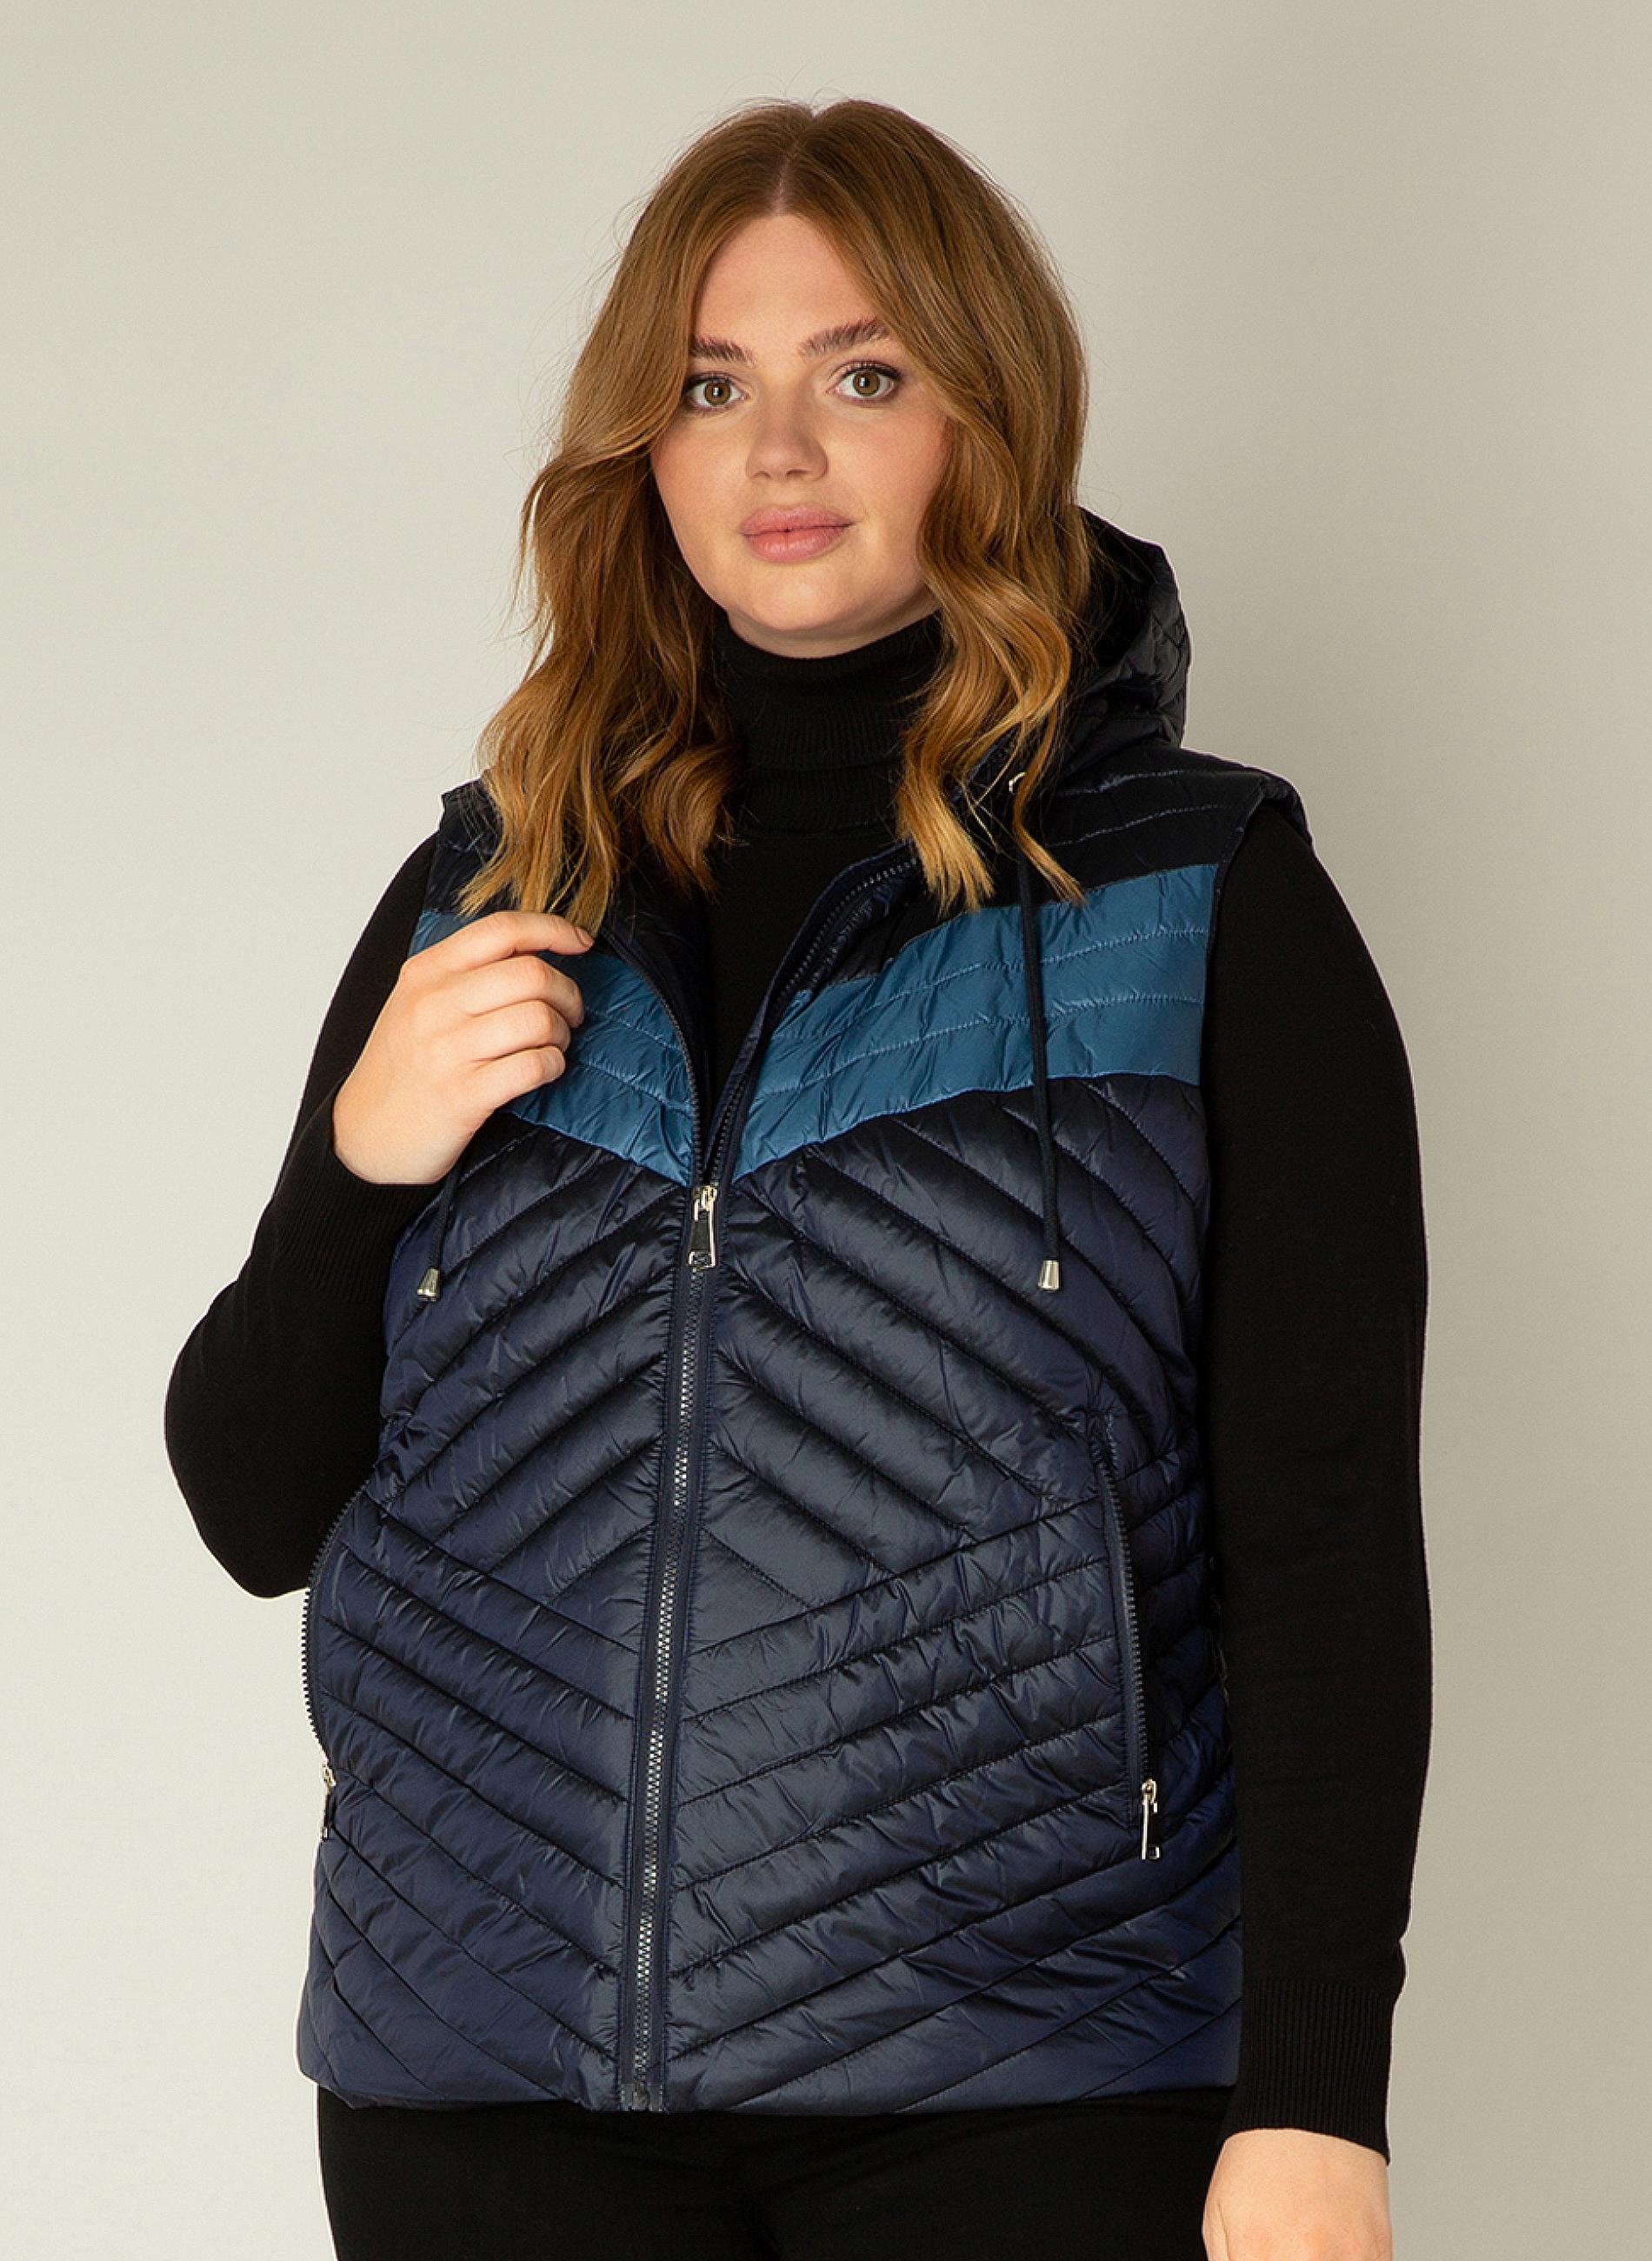 Yesta bodywarmer Winter Outerwear